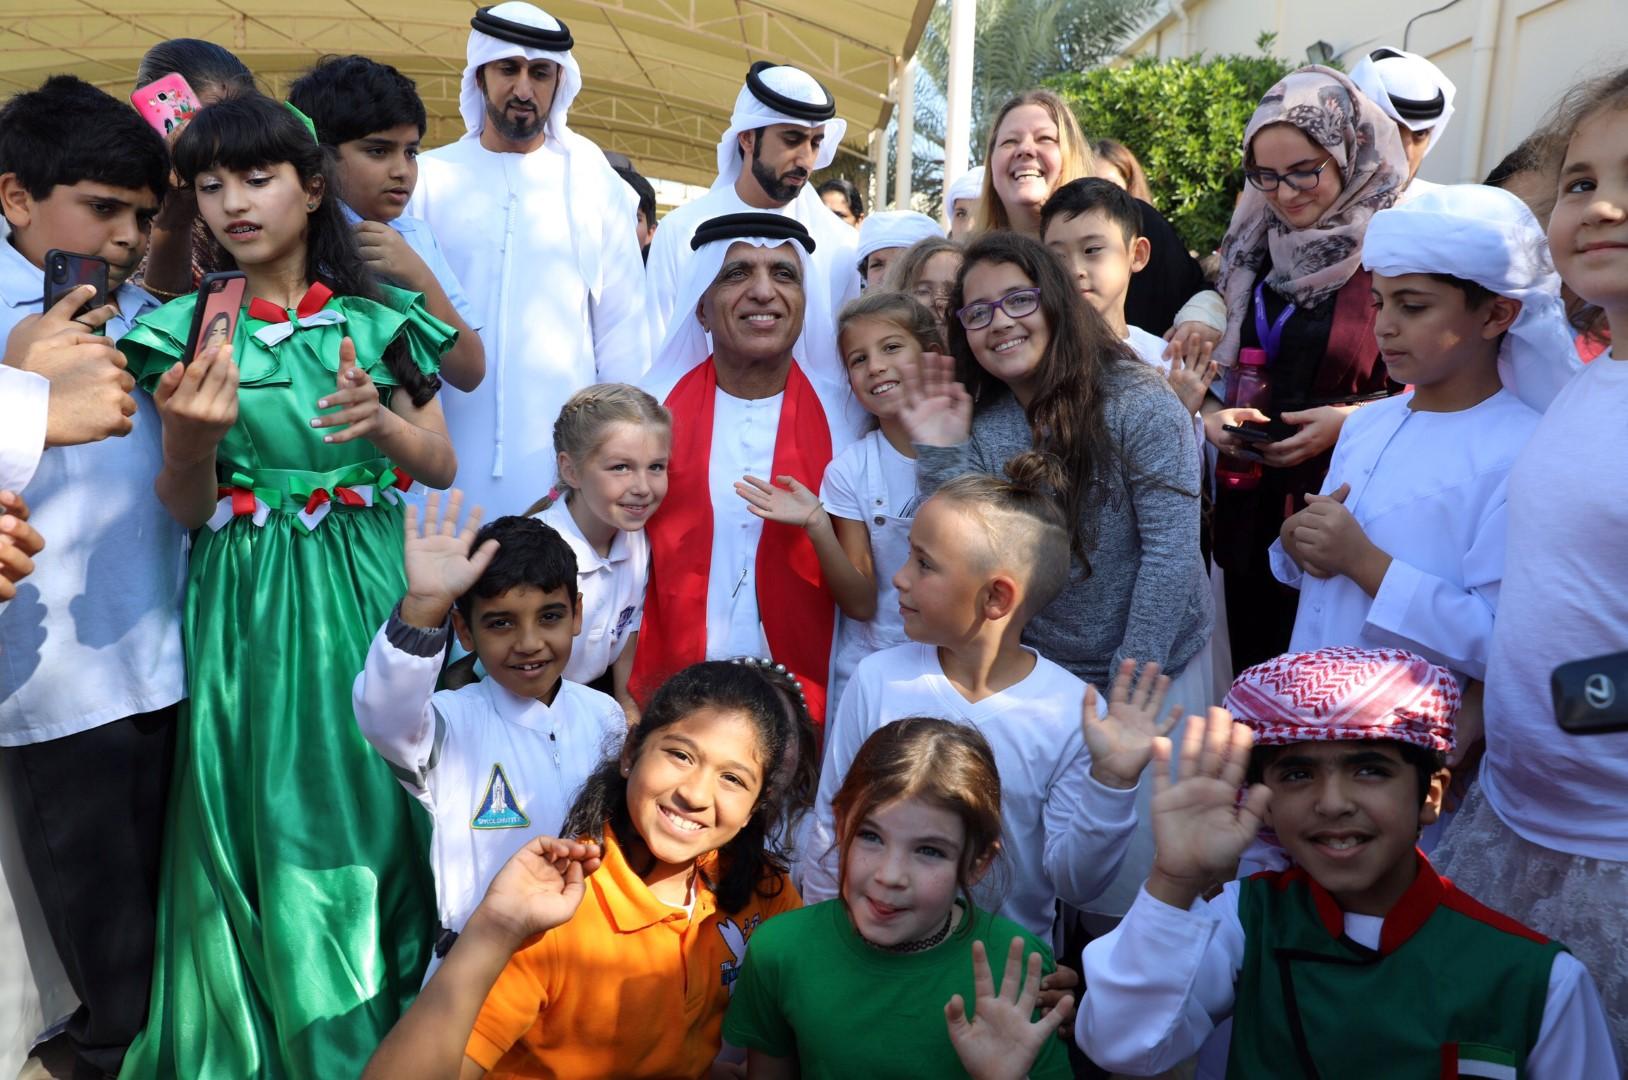 سعود بن صقر القاسمي يشهد احتفالات أكاديمية رأس الخيمة باليوم الوطني الـ48 للدولة